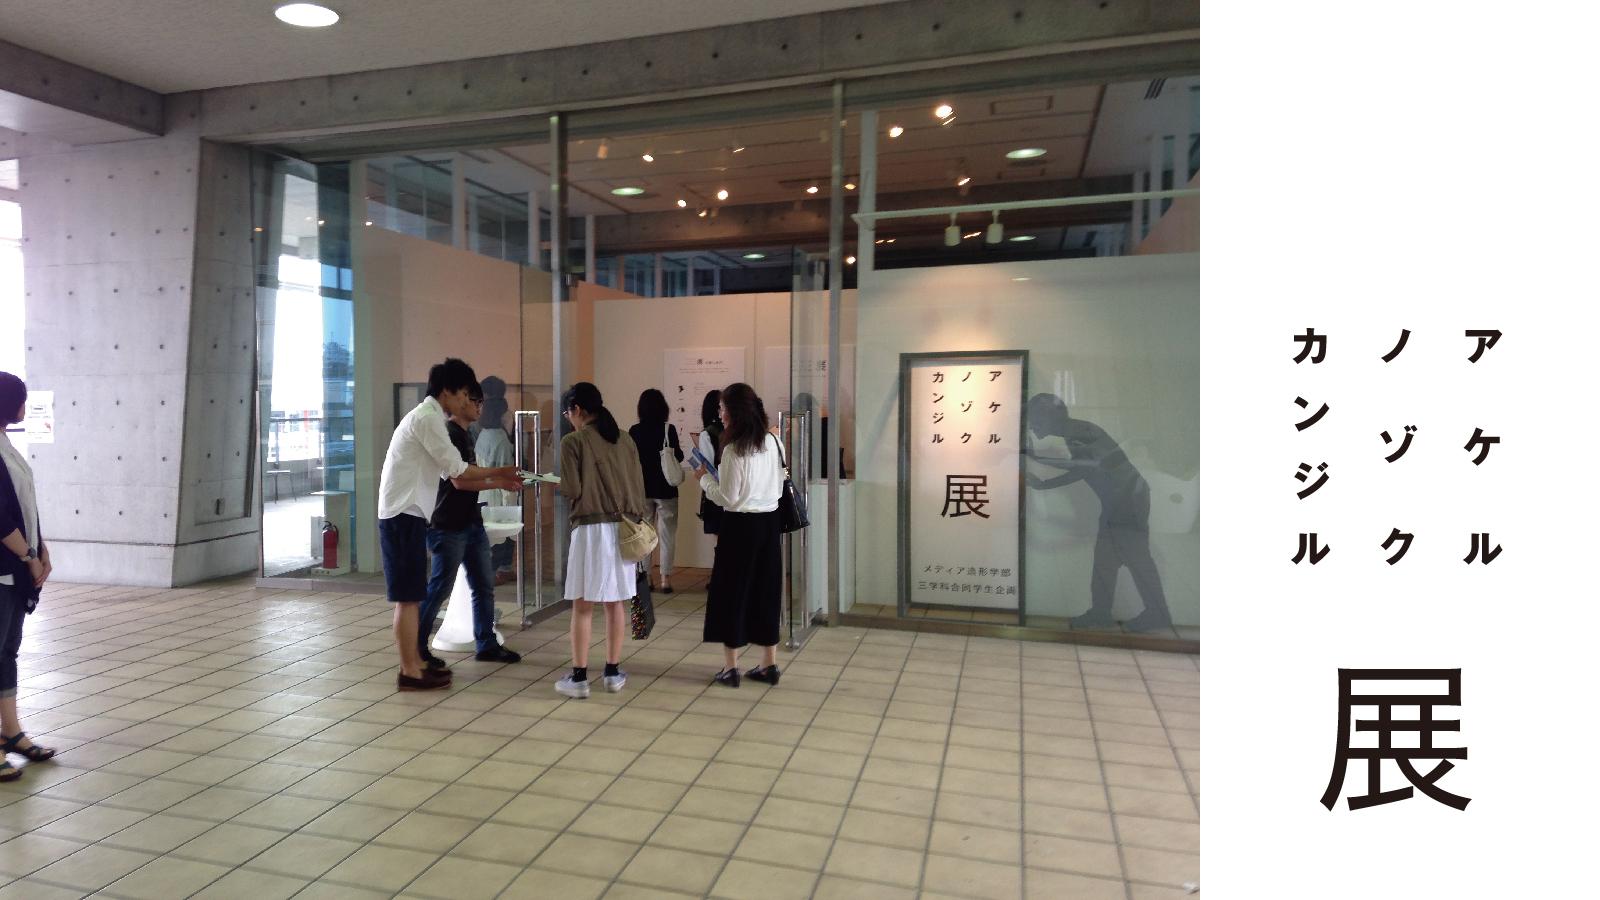 ディレクション_展示の様子